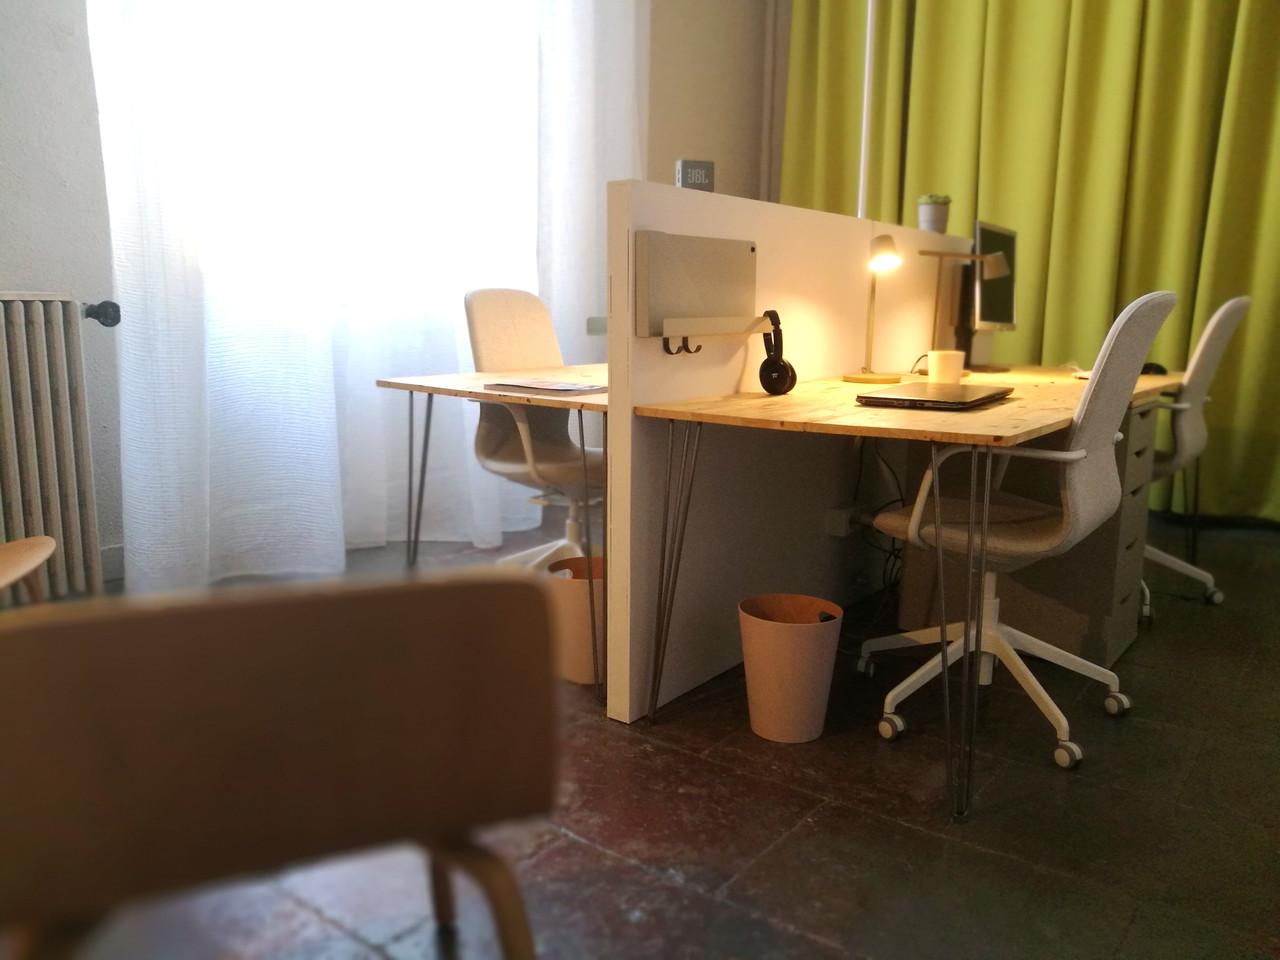 adapté au travail à distance en télétravail et remote poste à Montpellier en coworking